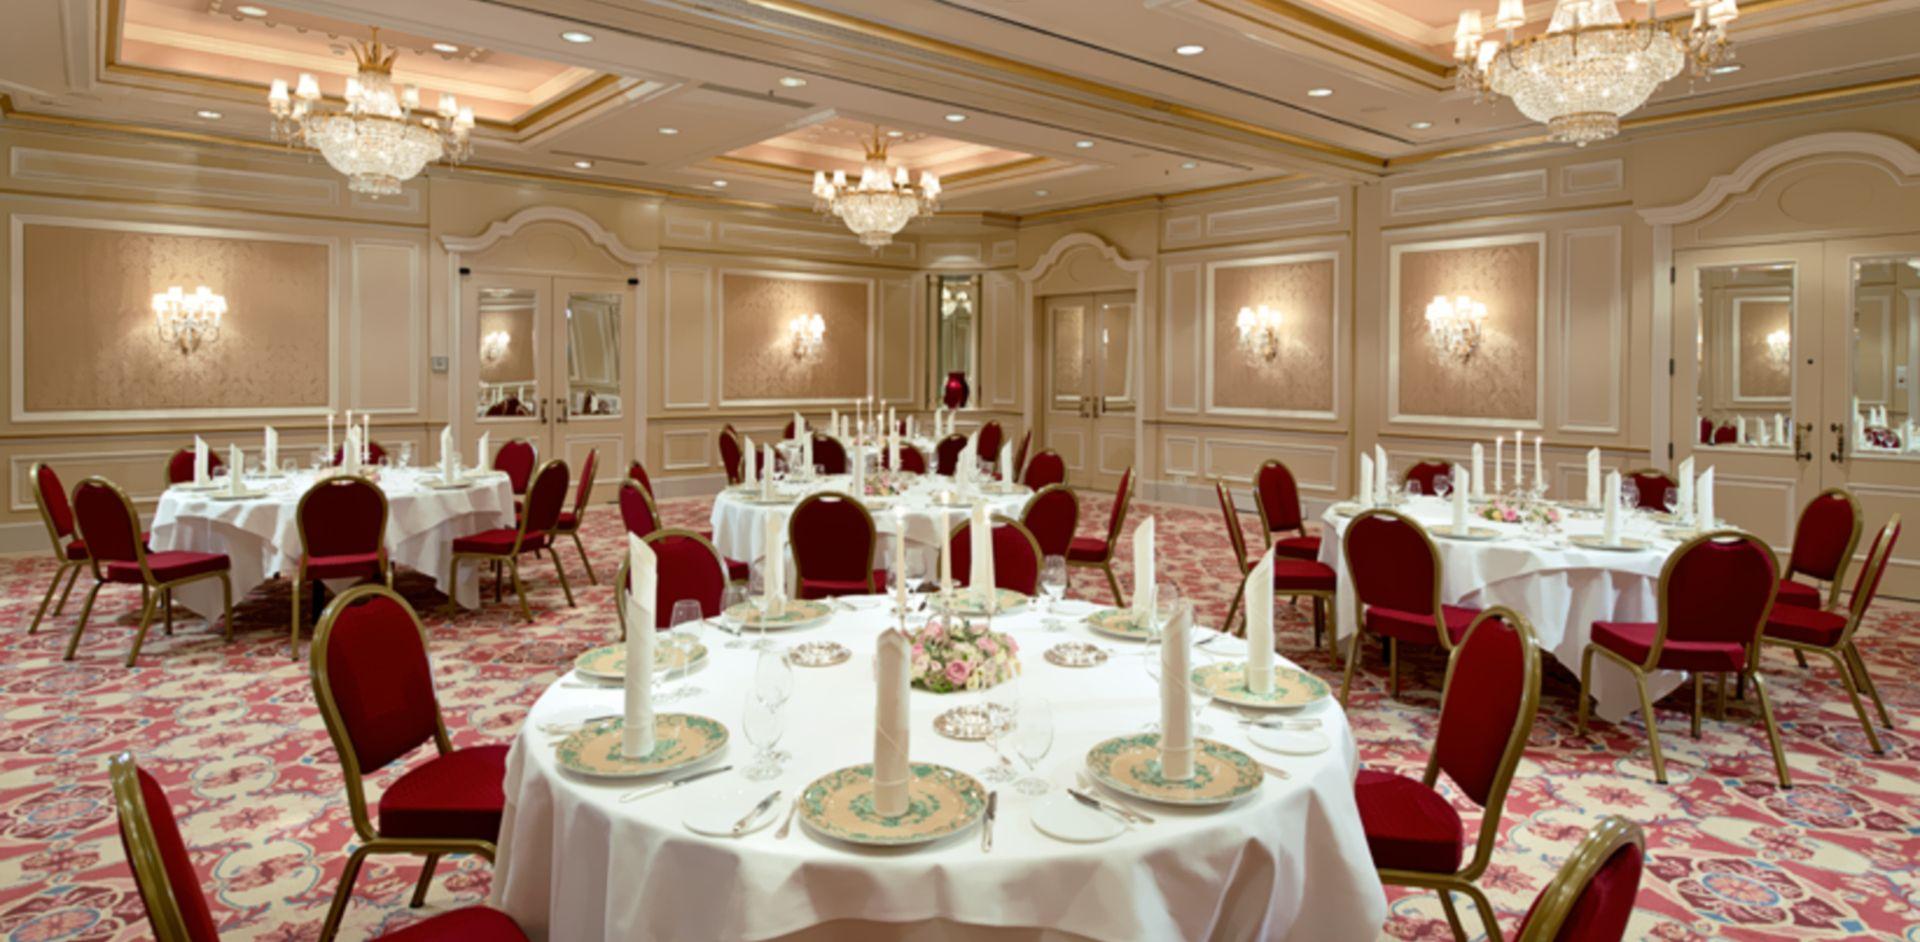 Regent Meetings & Events